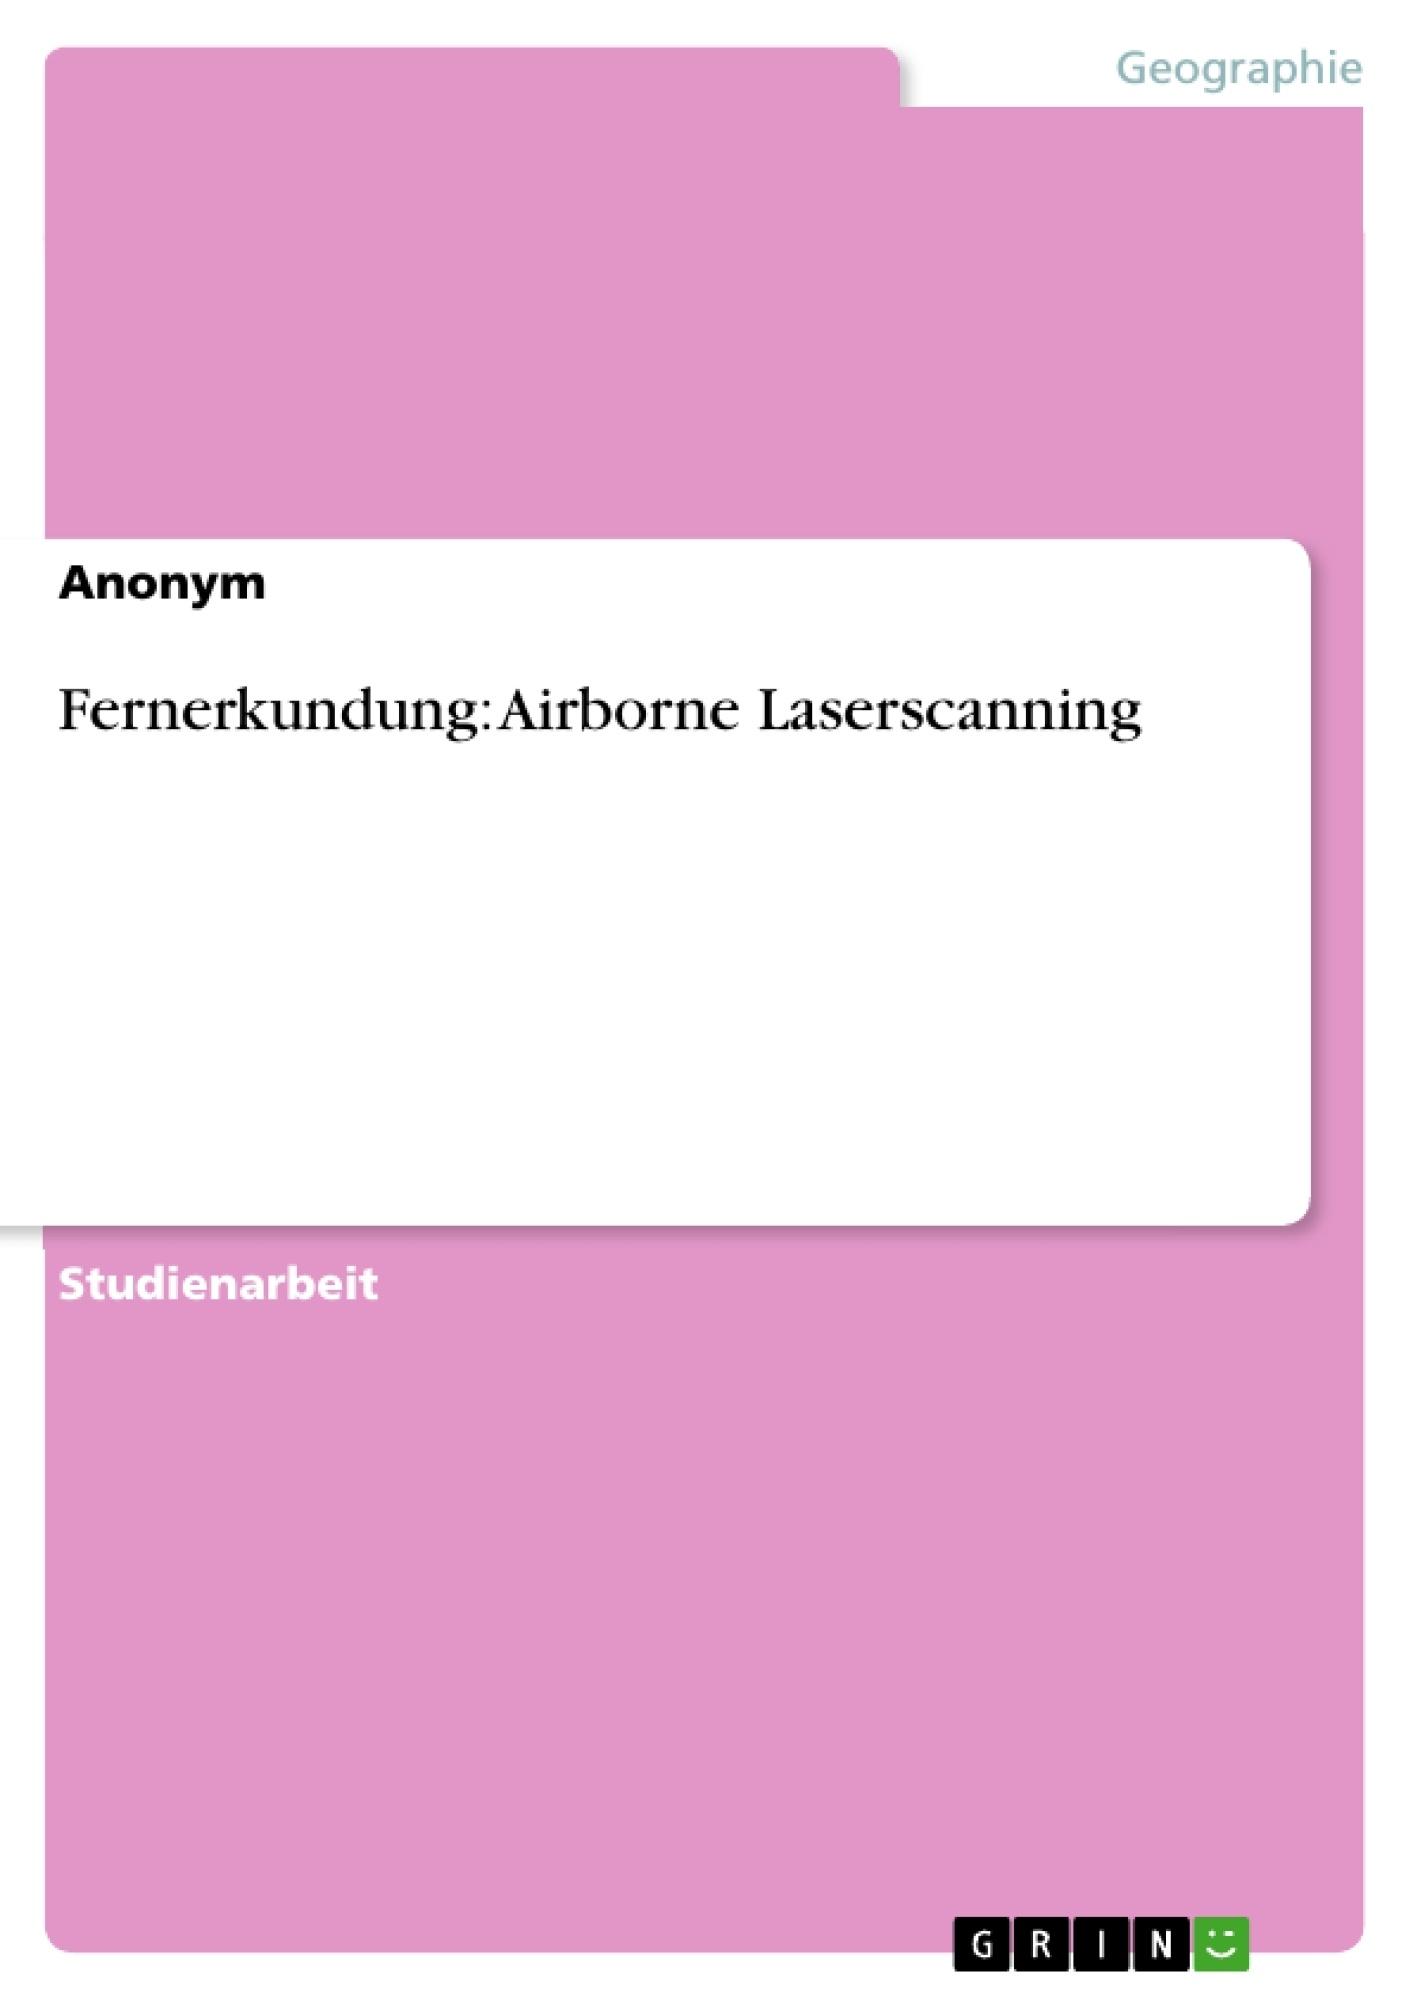 Titel: Fernerkundung: Airborne Laserscanning